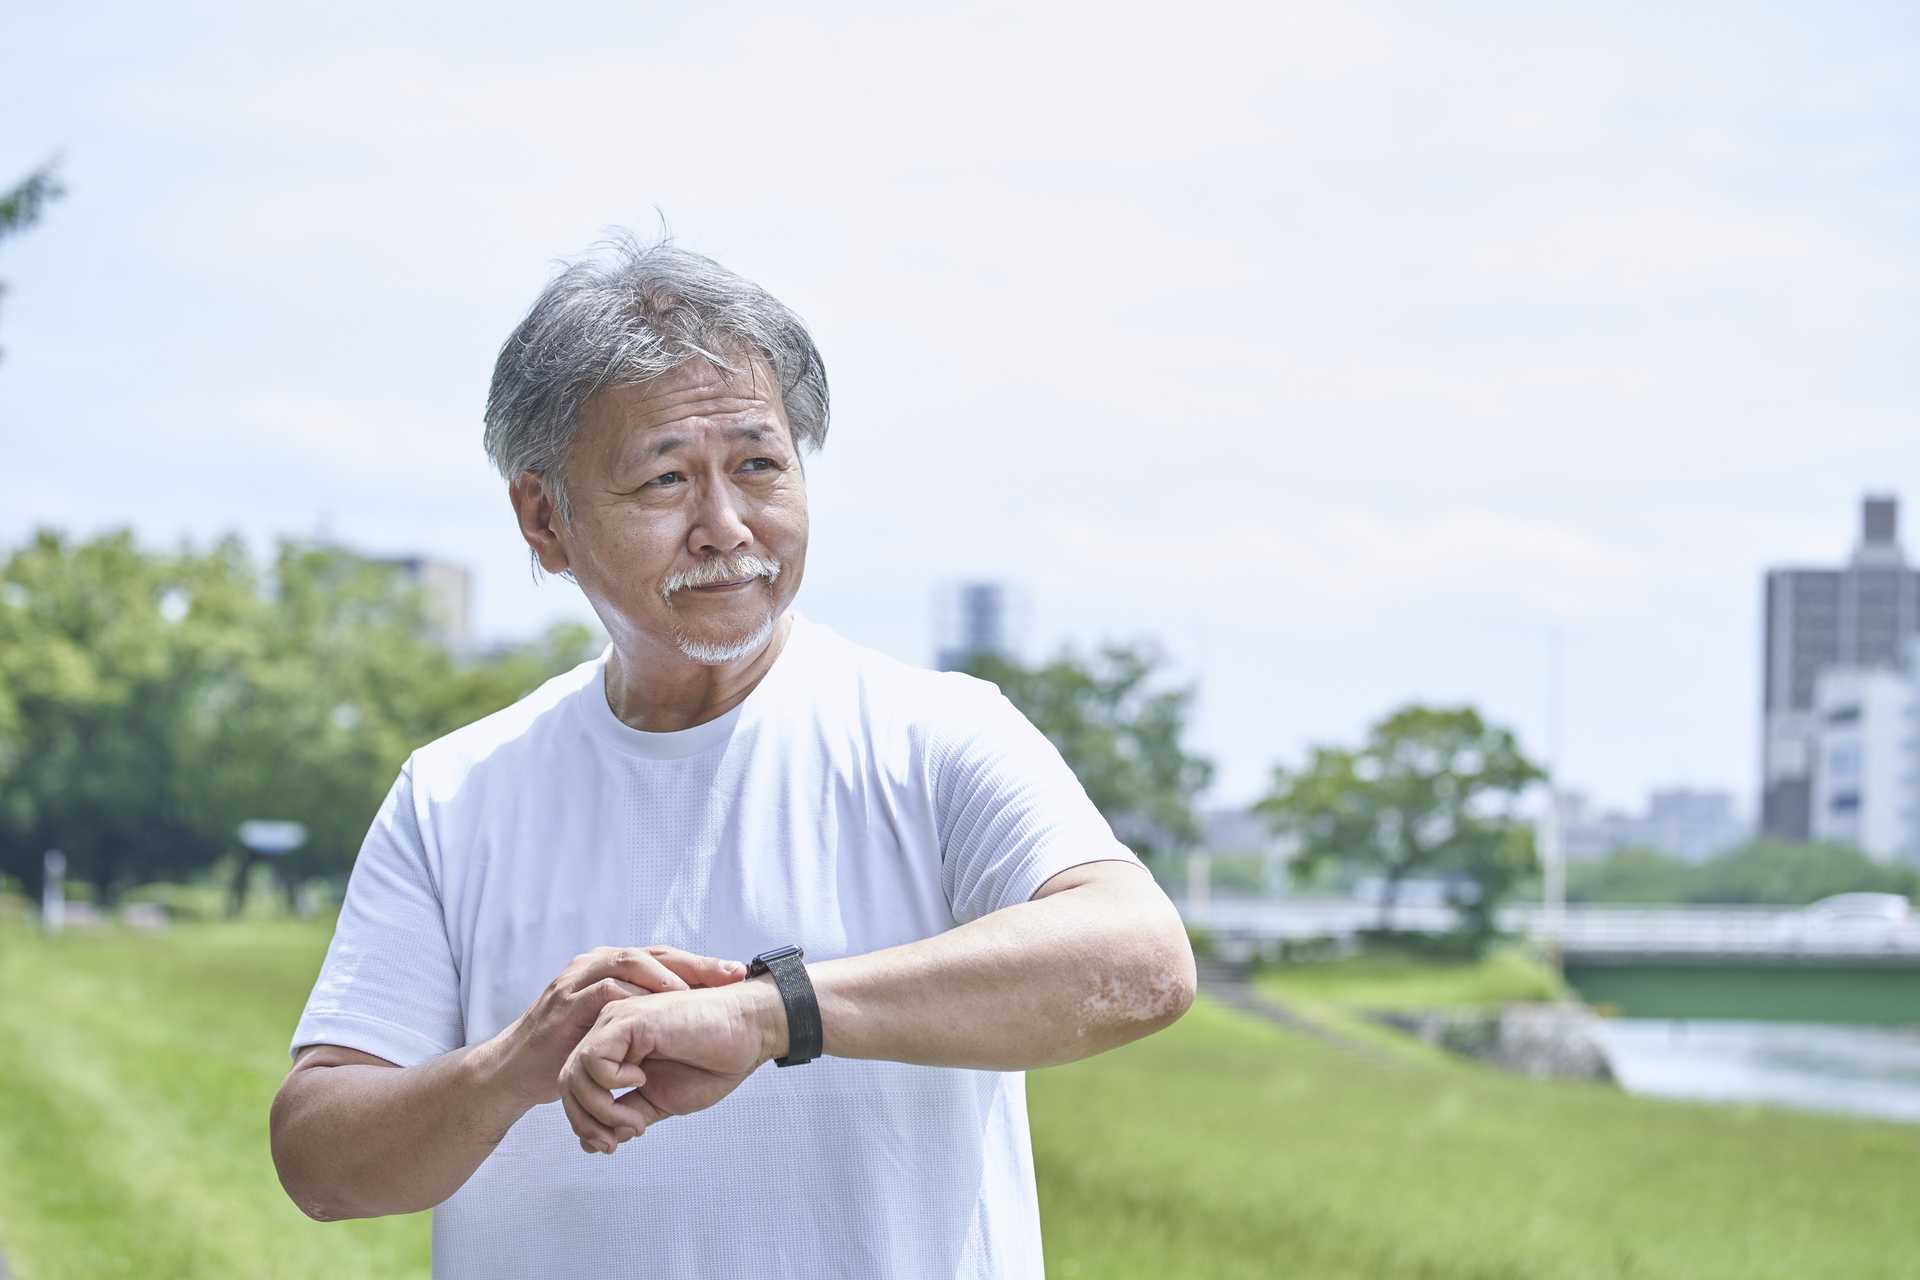 ウォーキング初心者は「歩数単位」より「時間単位」で始めるほうがうまくいく。 | 健康のためになる30の散歩術